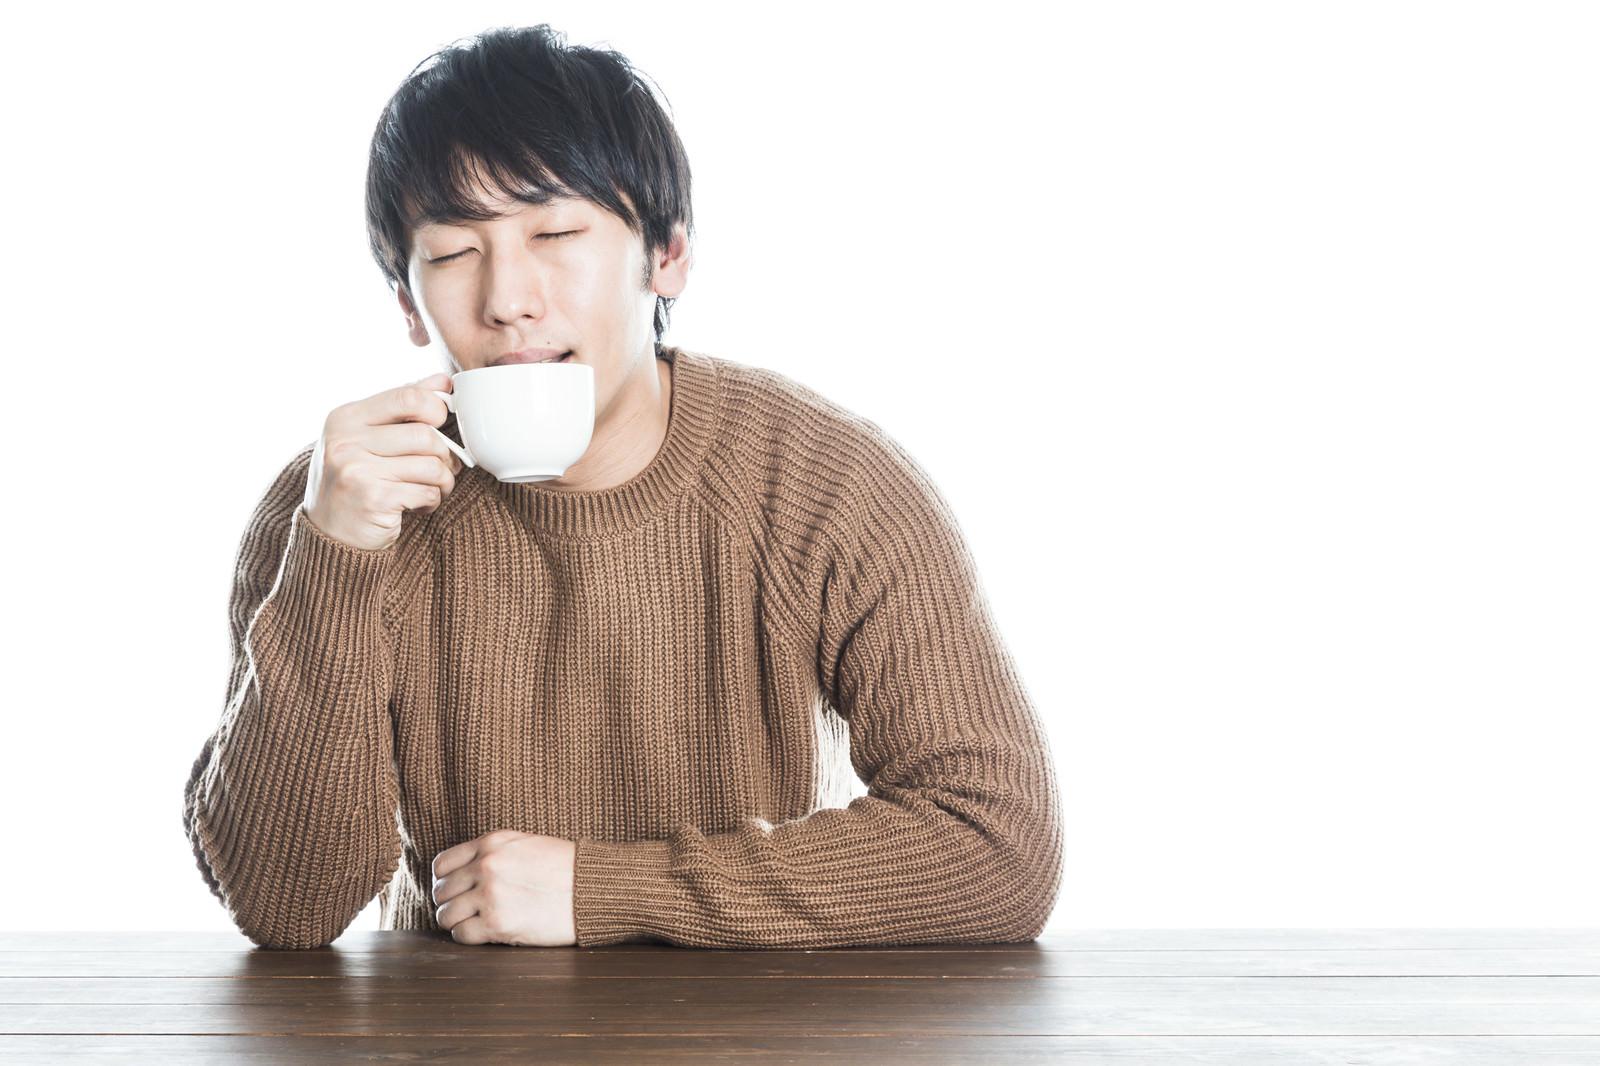 「温かい紅茶を飲んで幸せそうな男性」の写真[モデル:大川竜弥]